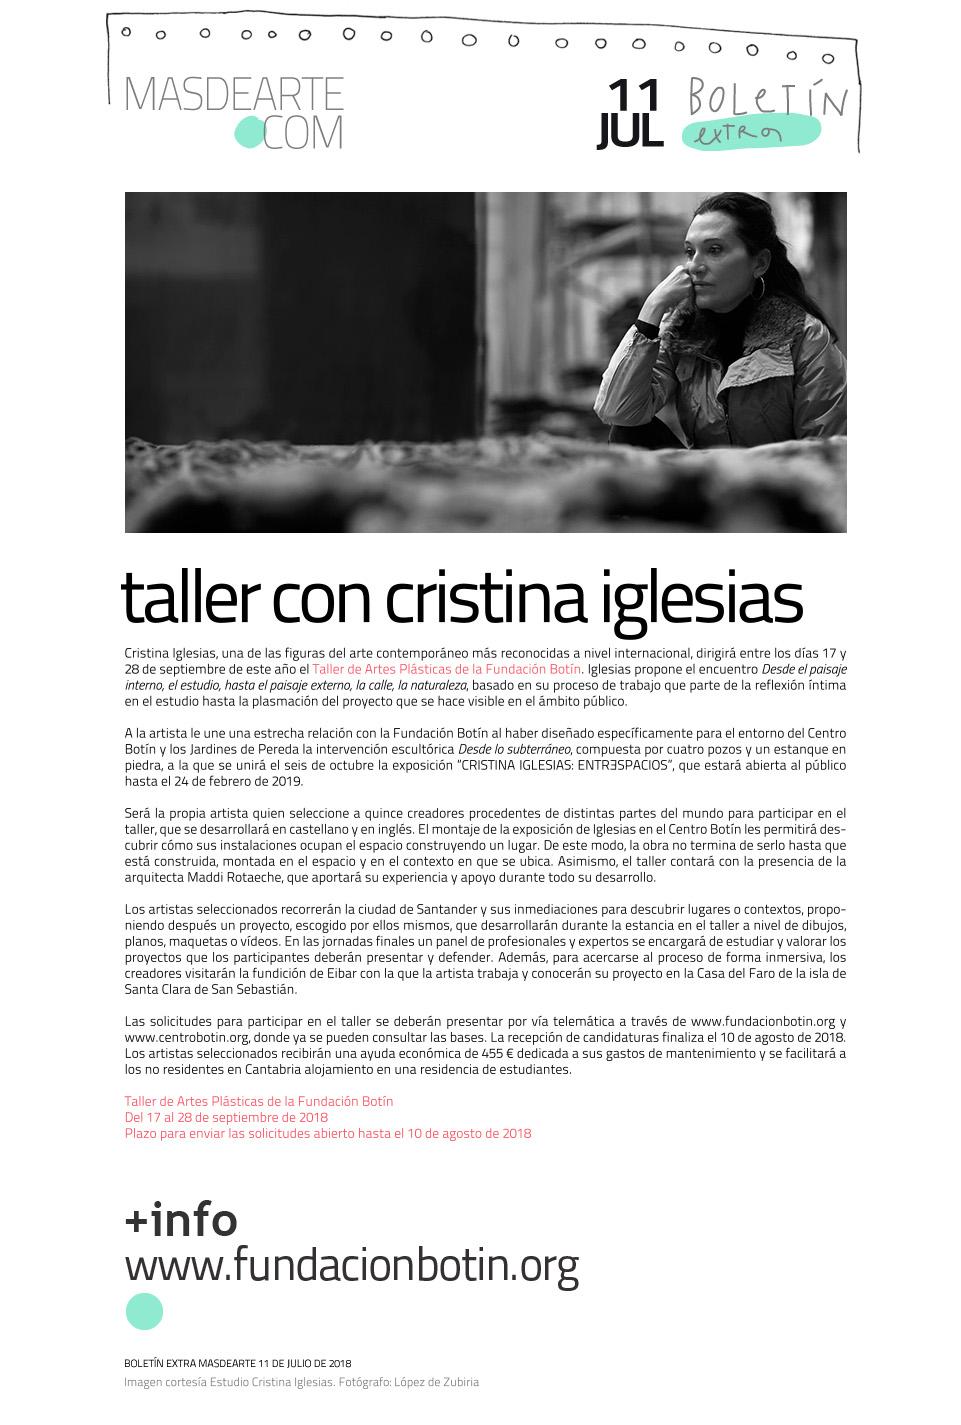 Taller de Artes Plásticas de la Fundación Botín con Cristina Iglesias. Abierta convocatoria